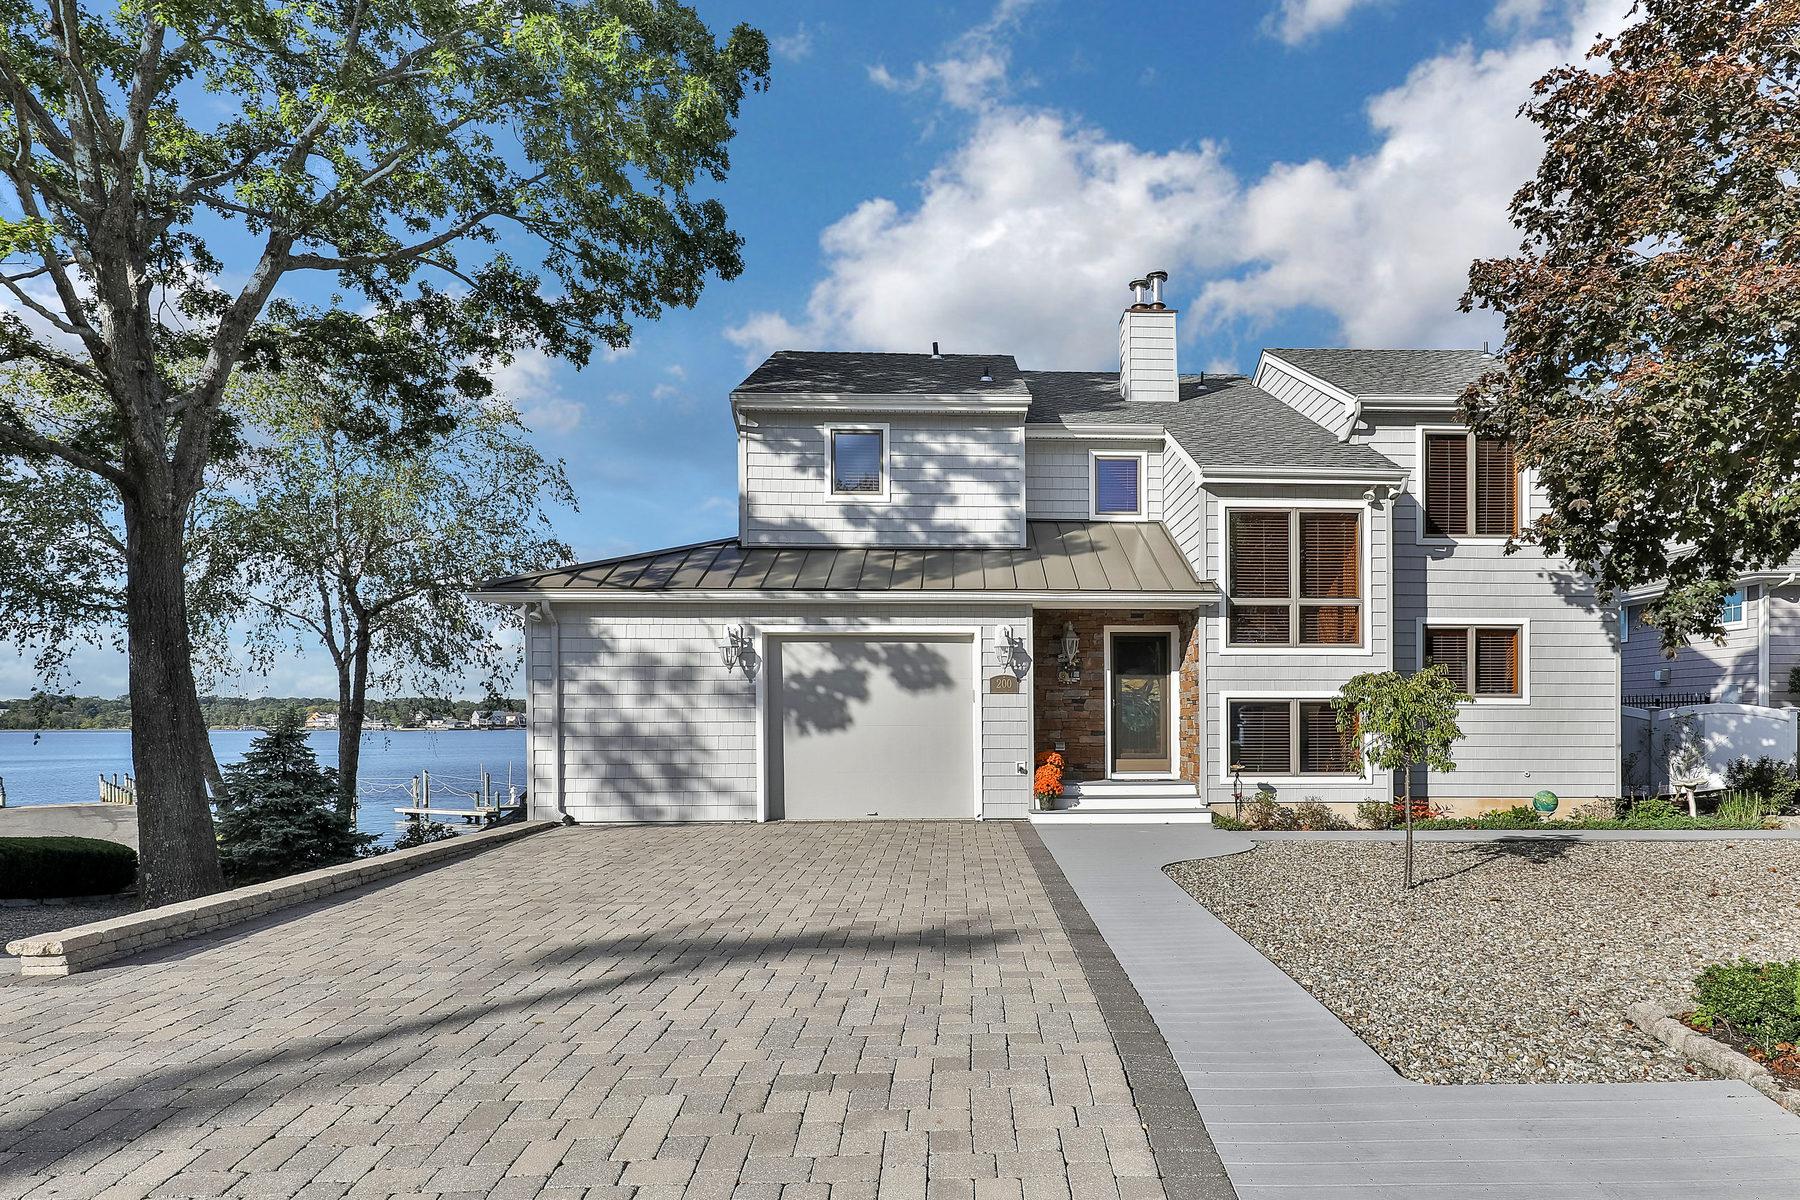 独户住宅 为 销售 在 One Of A Kind Riverfront Home 200 Prospect Avenue Pine Beach, 08741 美国